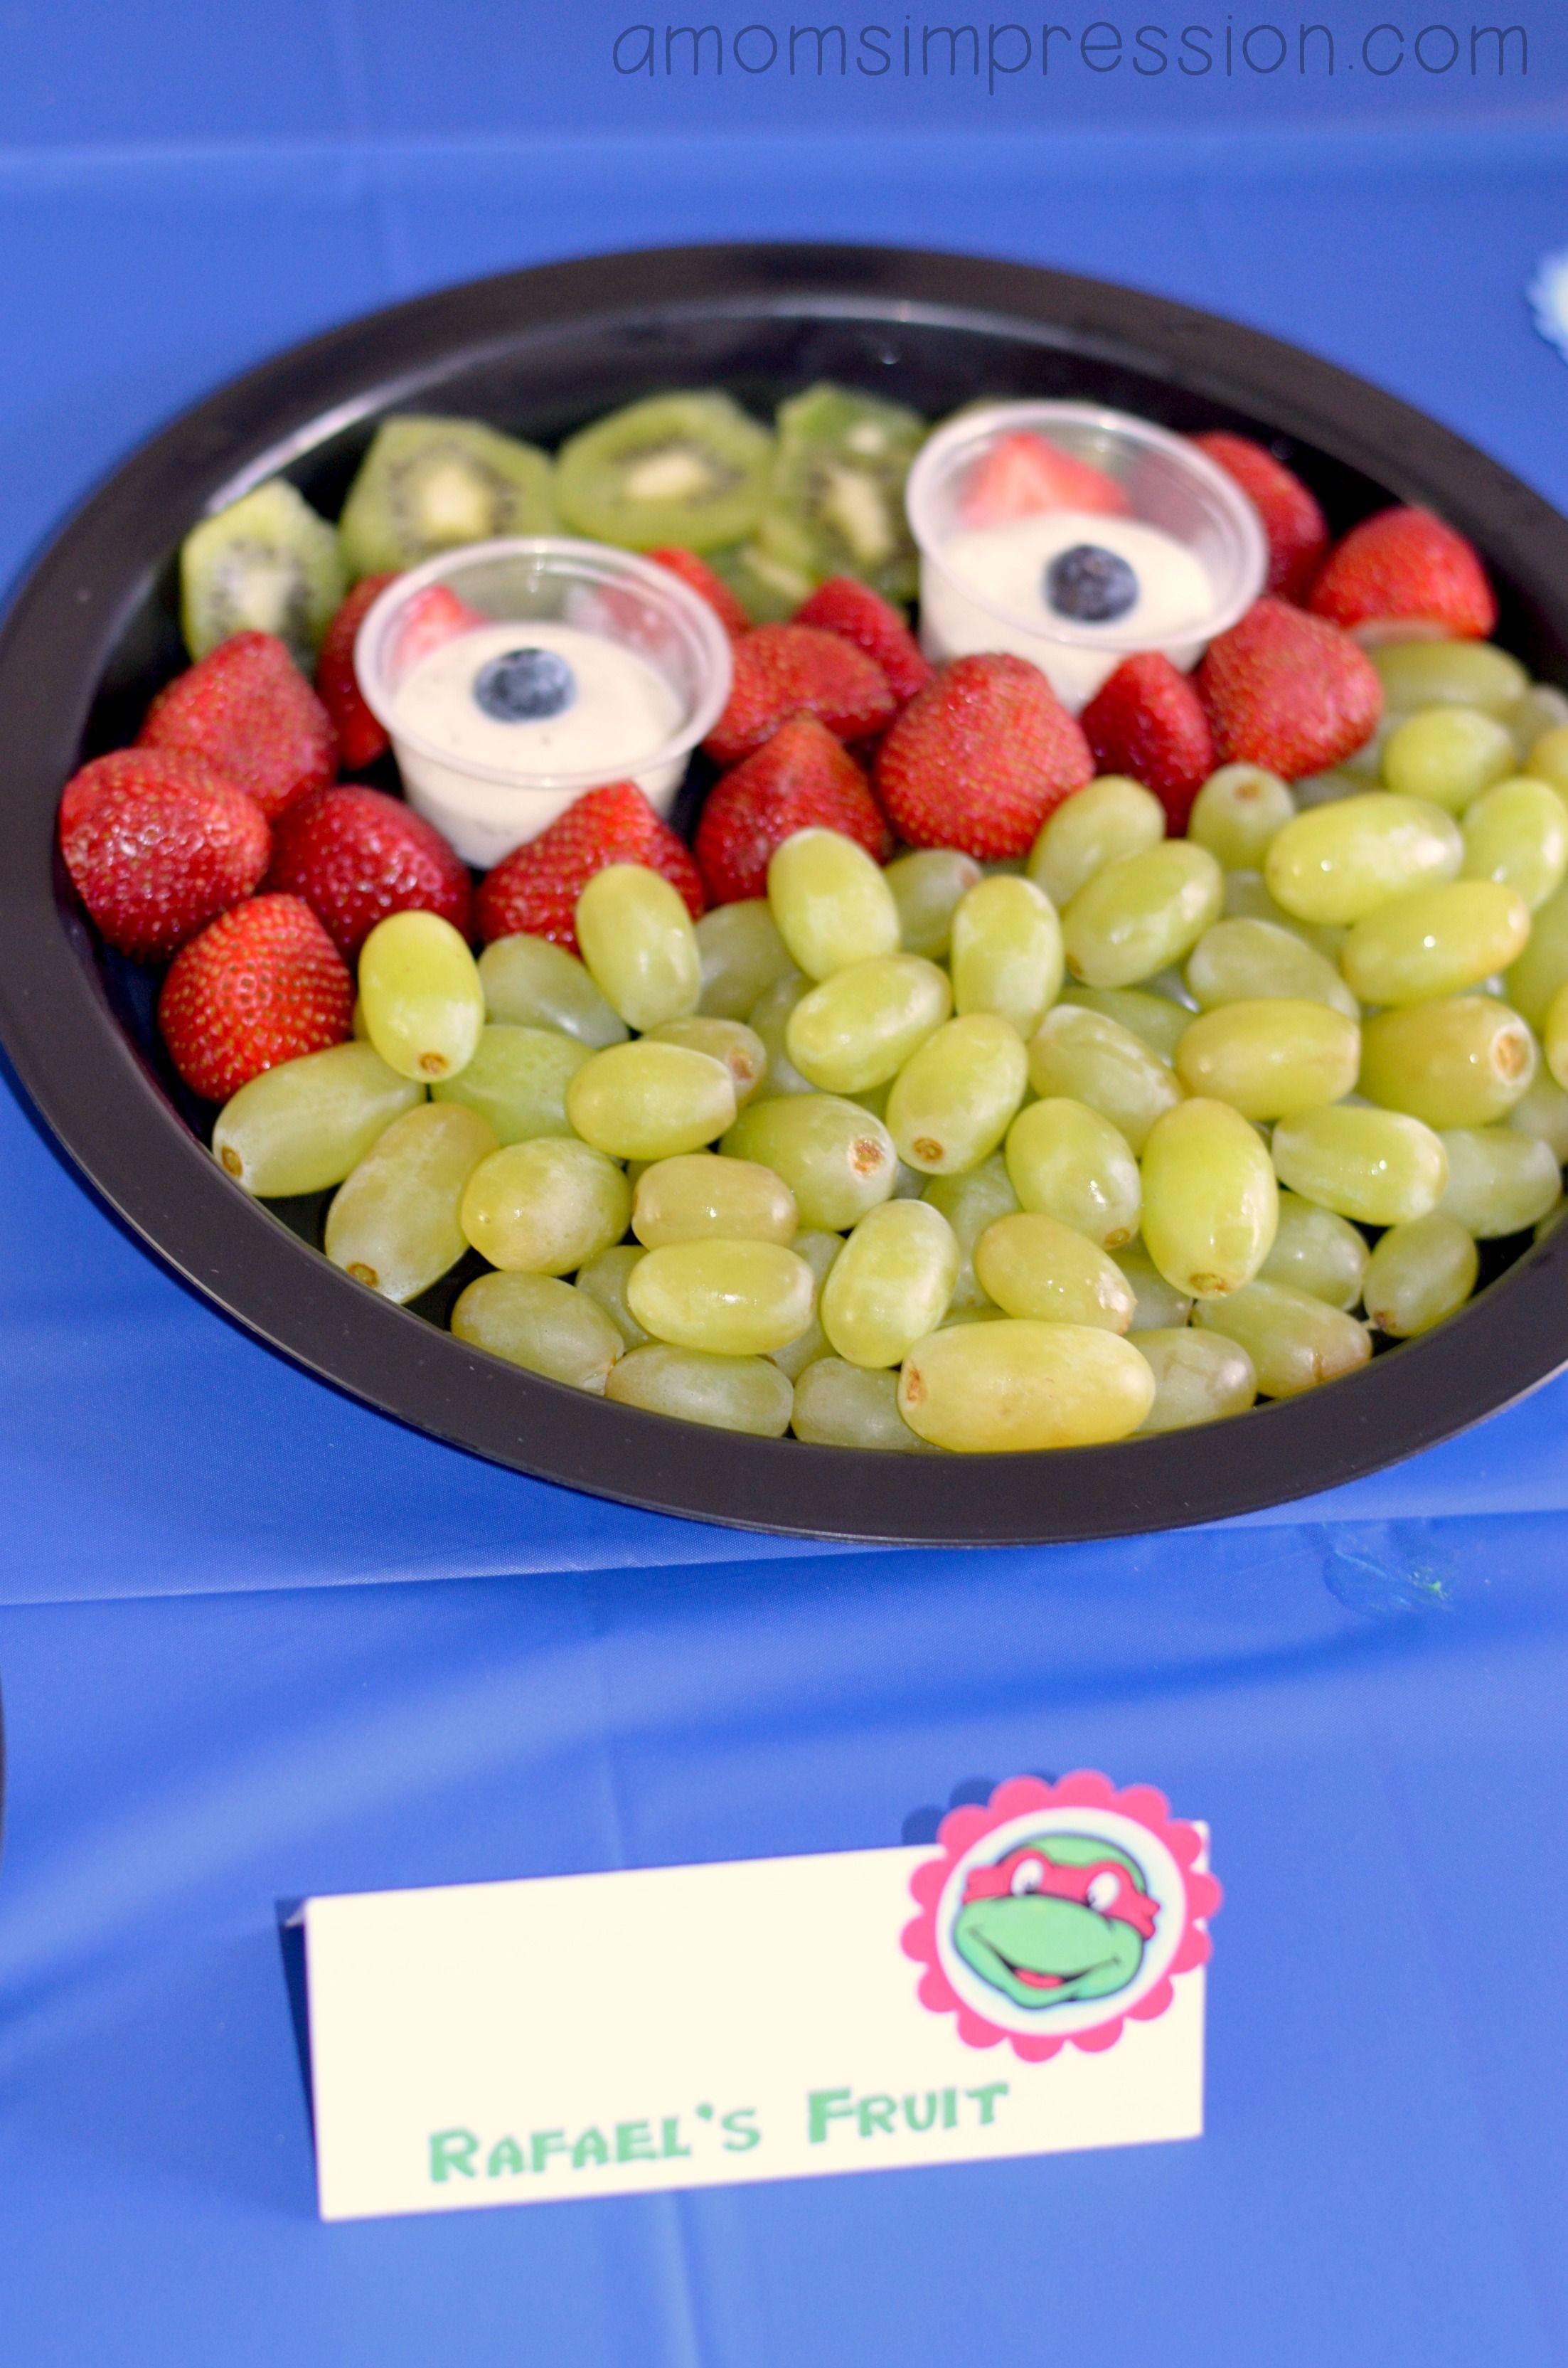 Teenage Mutant Ninja Turtles Birthday Party Food Ideas You Won T Believe All The Creati Ninja Turtles Birthday Party Tmnt Birthday Party Ideas Tmnt Party Food